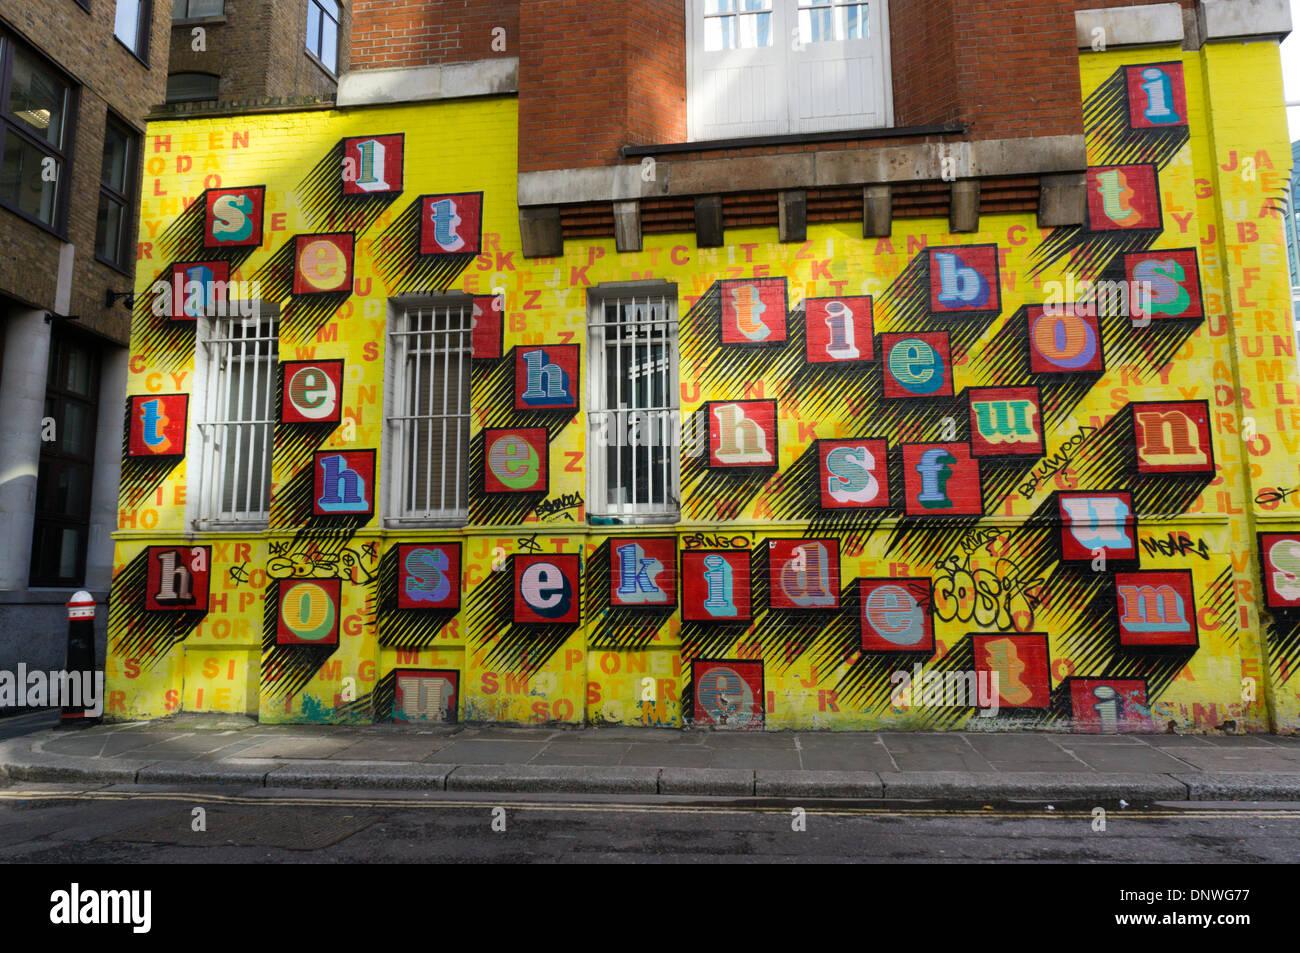 An art work by Ben Eine in Middlesex Street, London. - Stock Image